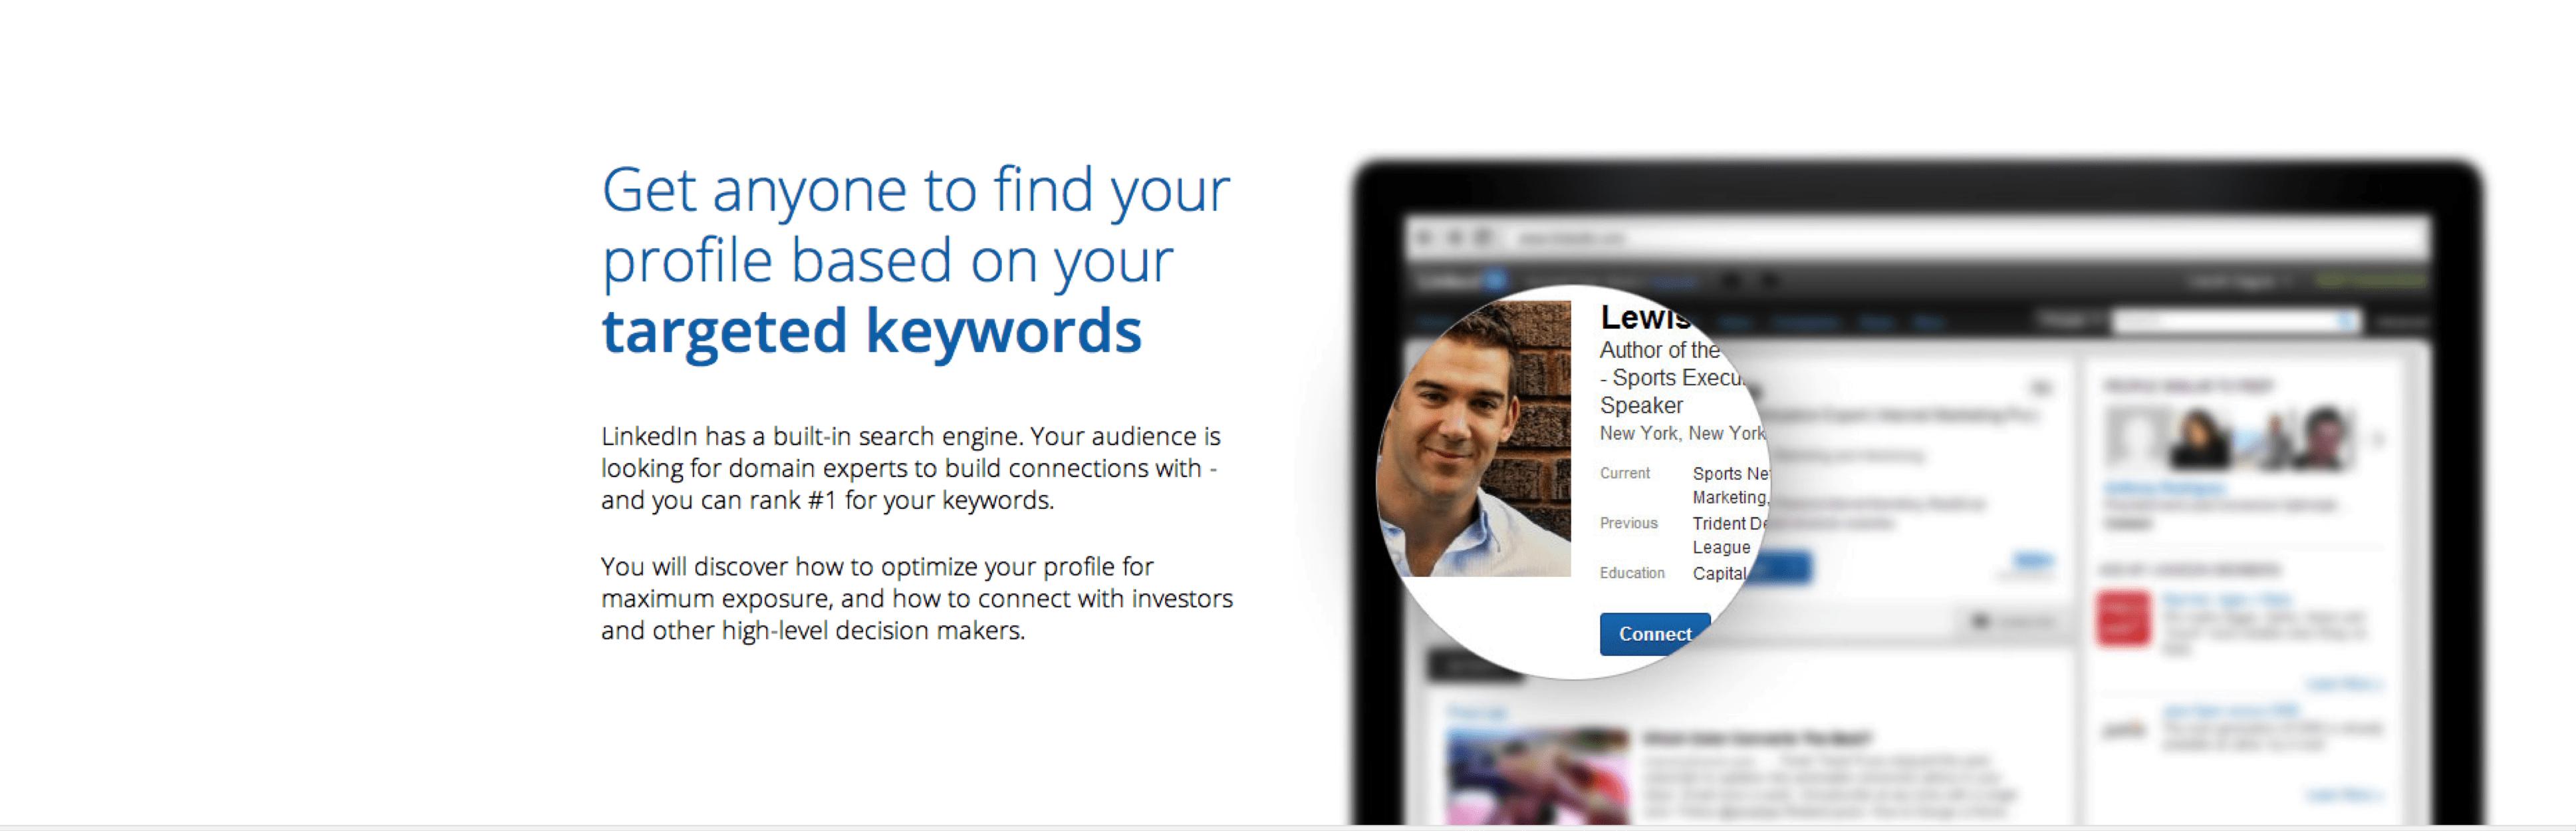 Copywriting: LinkedIn course example